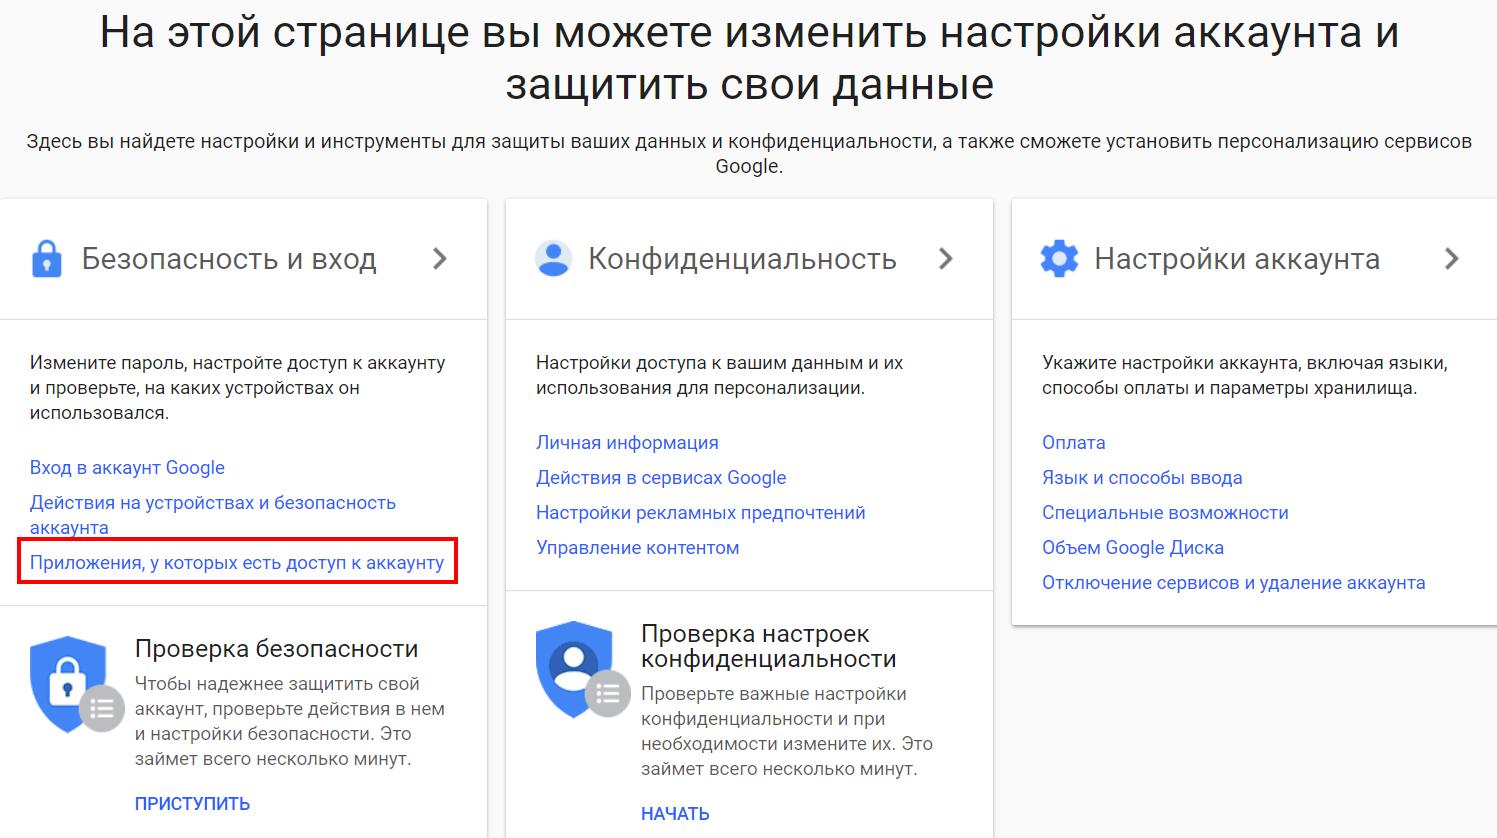 Приложения с доступом к аккаунту